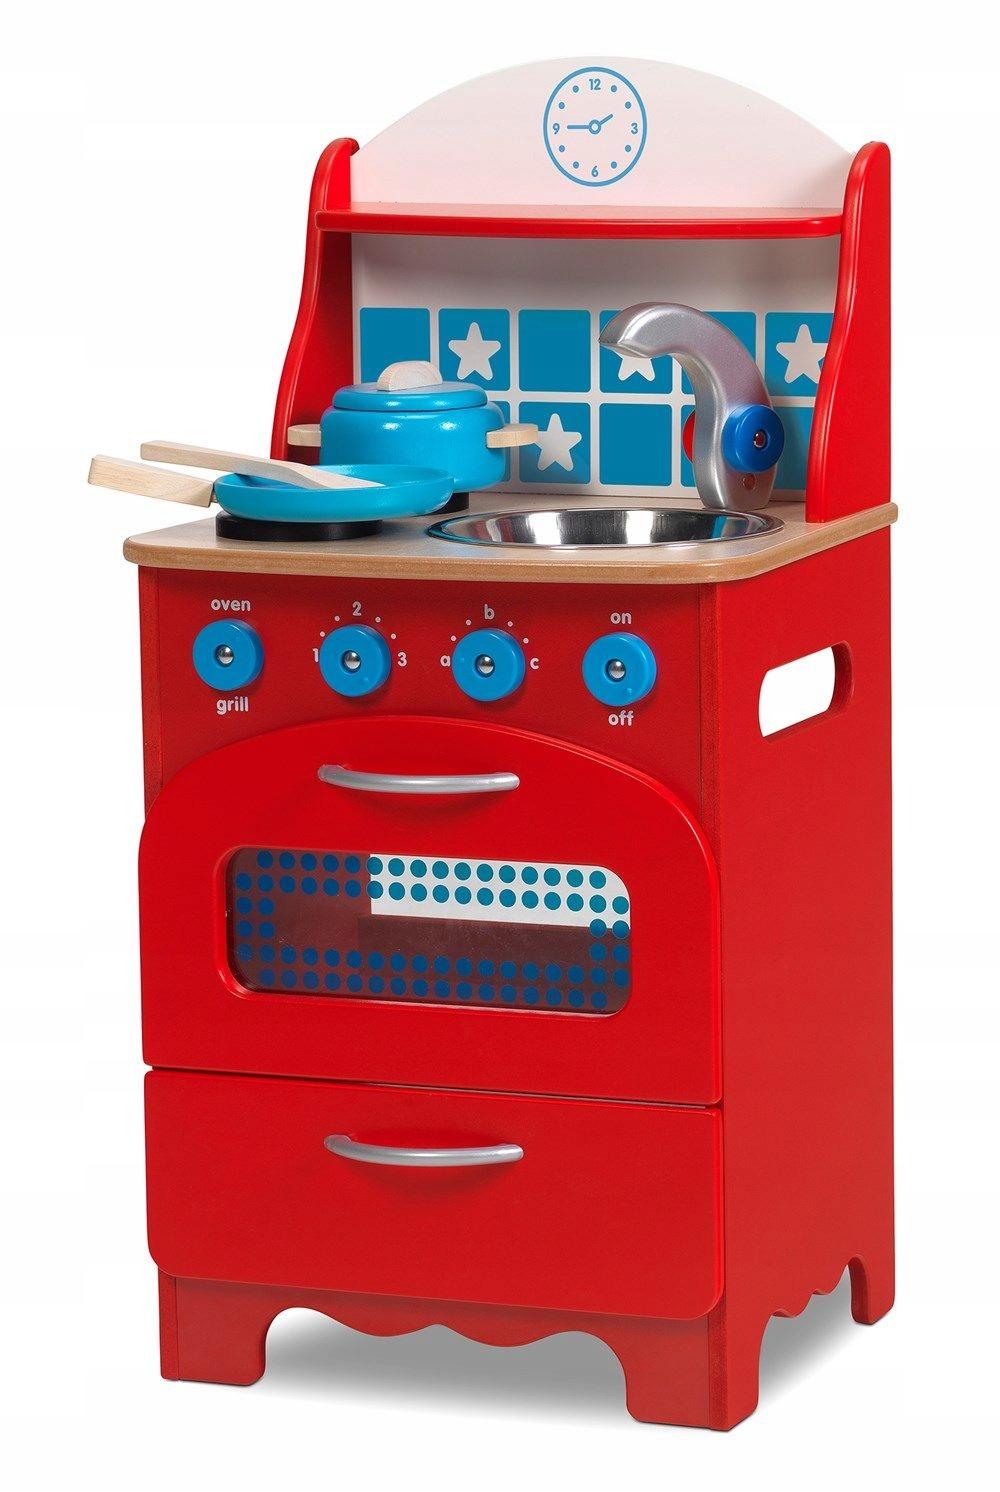 Drewniana Kuchnia Dla Dzieci Wysoka Jakość 7634577749